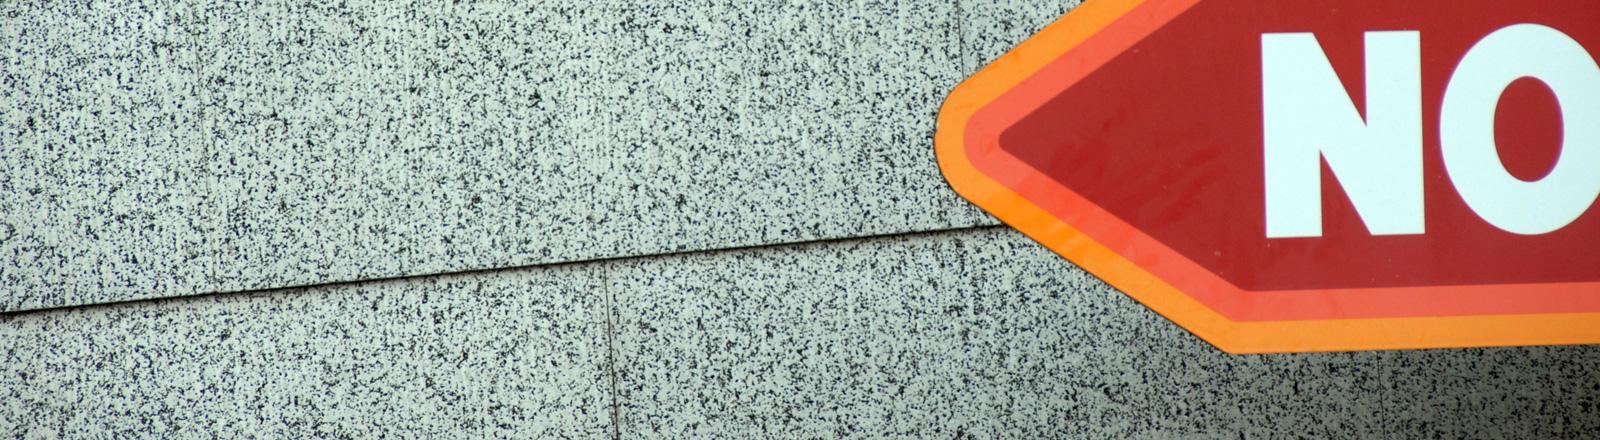 """Ein rot-orangenes Schild lugt von rechts in das Bild hinein. Die Buchstaben """"NO"""" stehen darauf, der Rest ist abgeschnitten."""